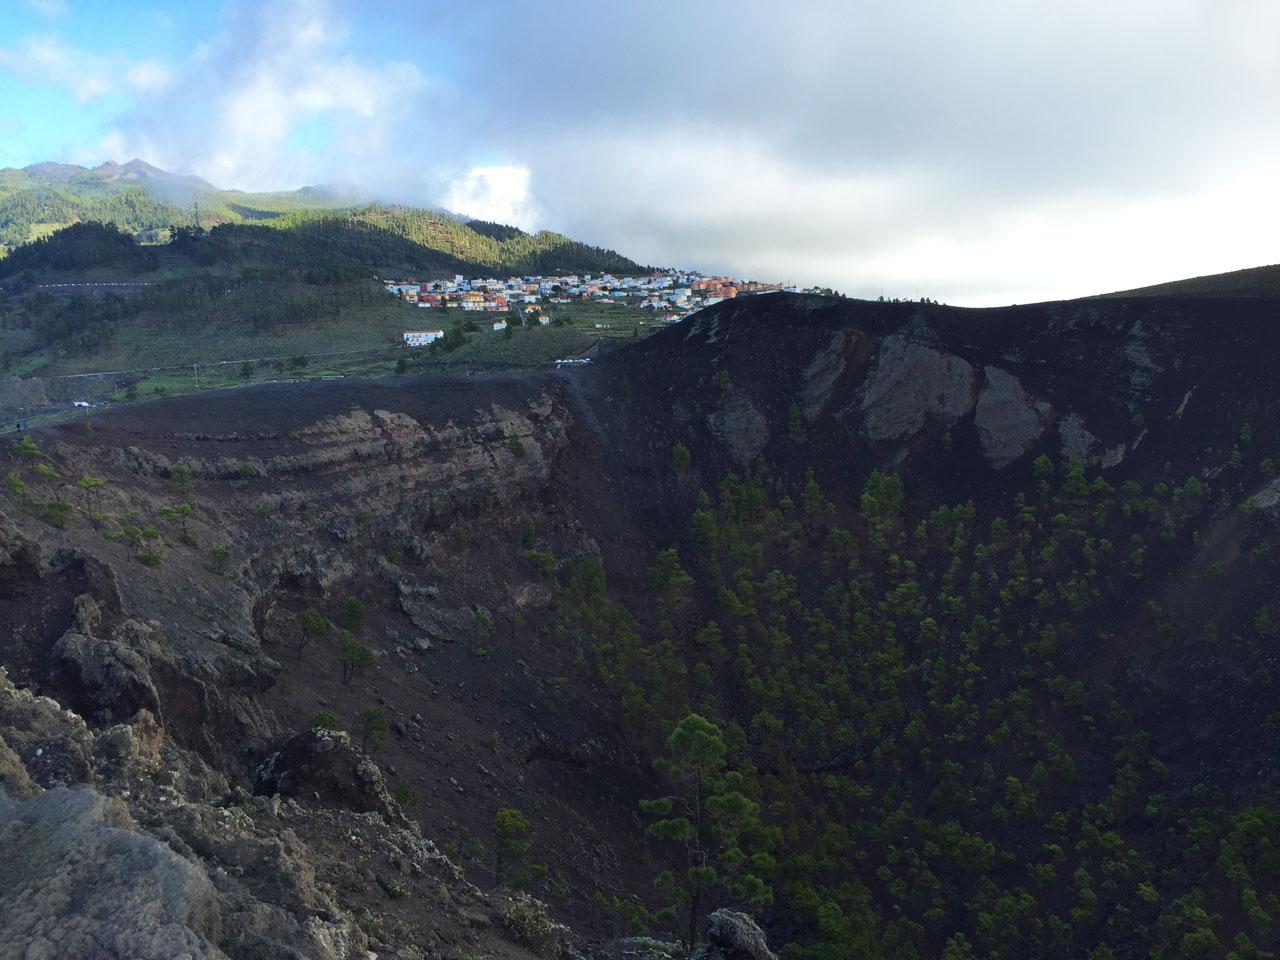 Crater of San Antonio volcano, La Palma